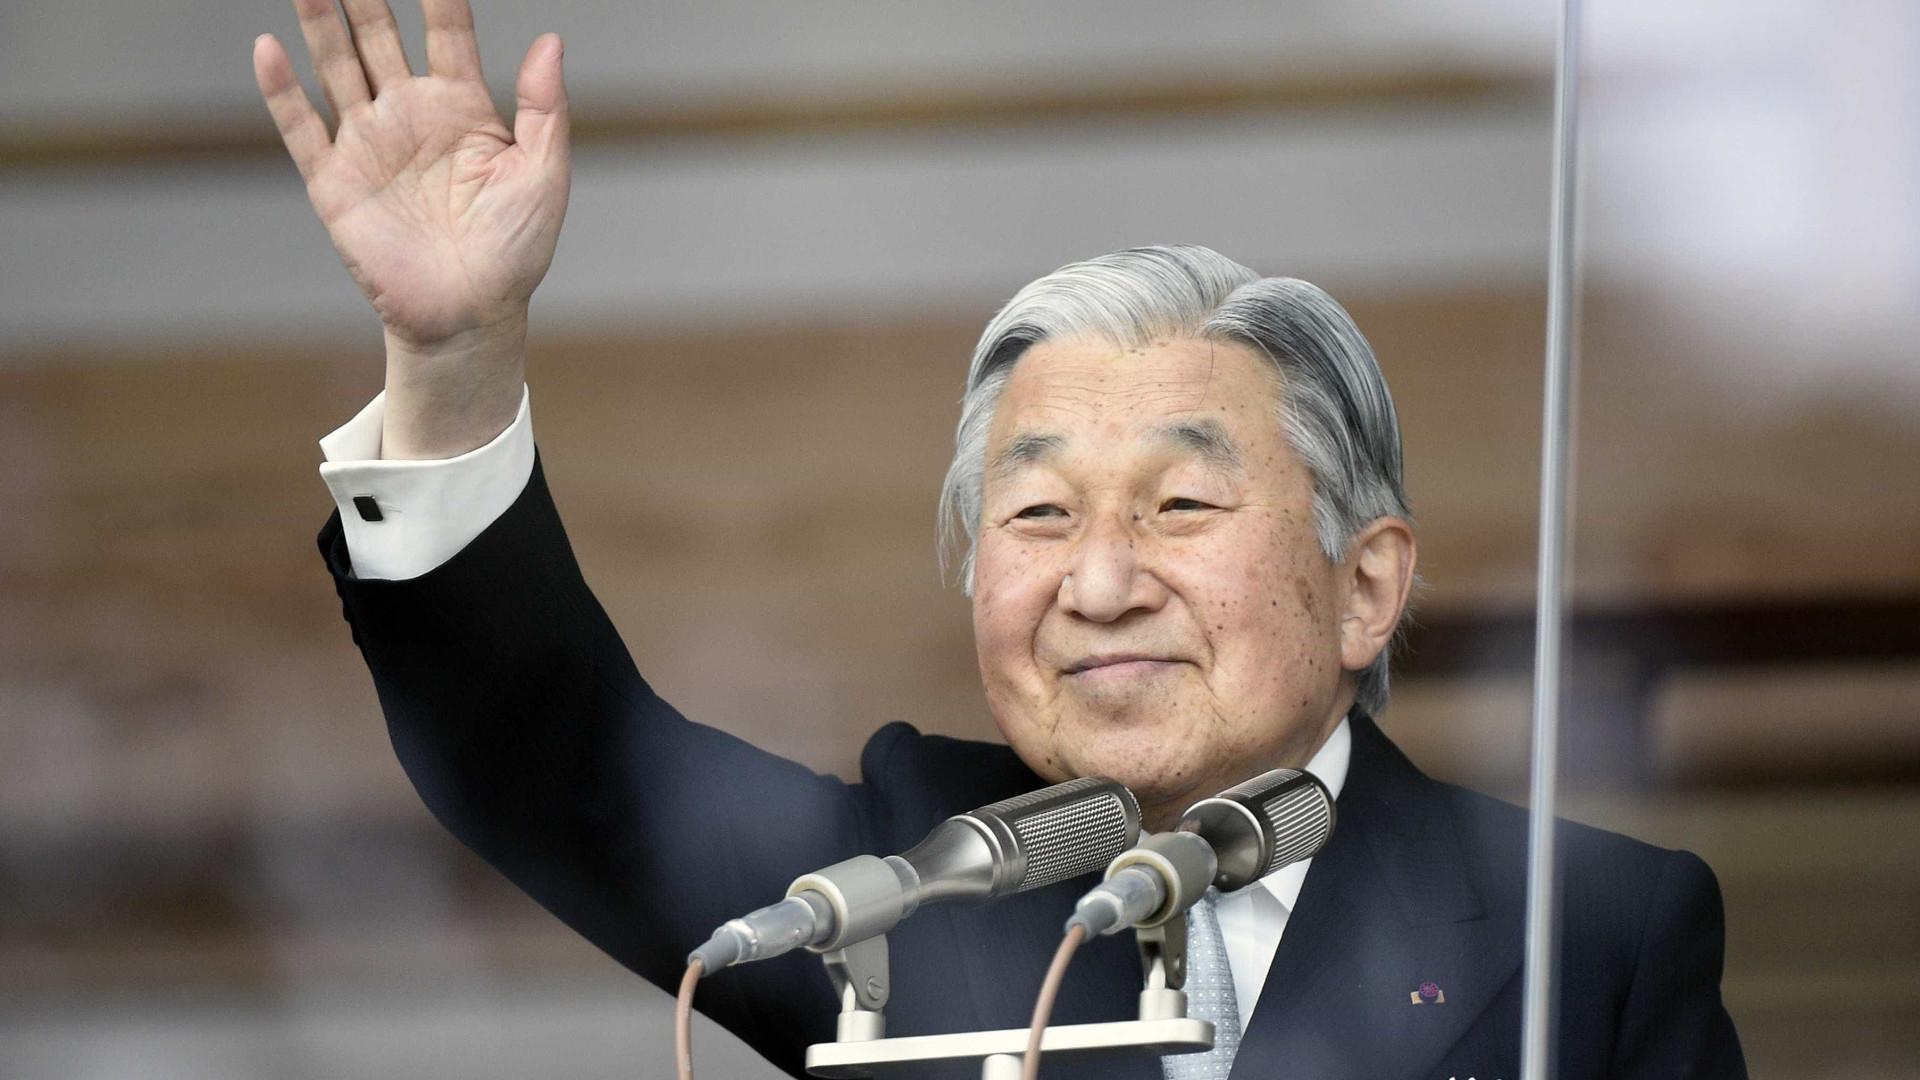 Parlamento japonês aprova lei que abre caminho à abdicação do imperador